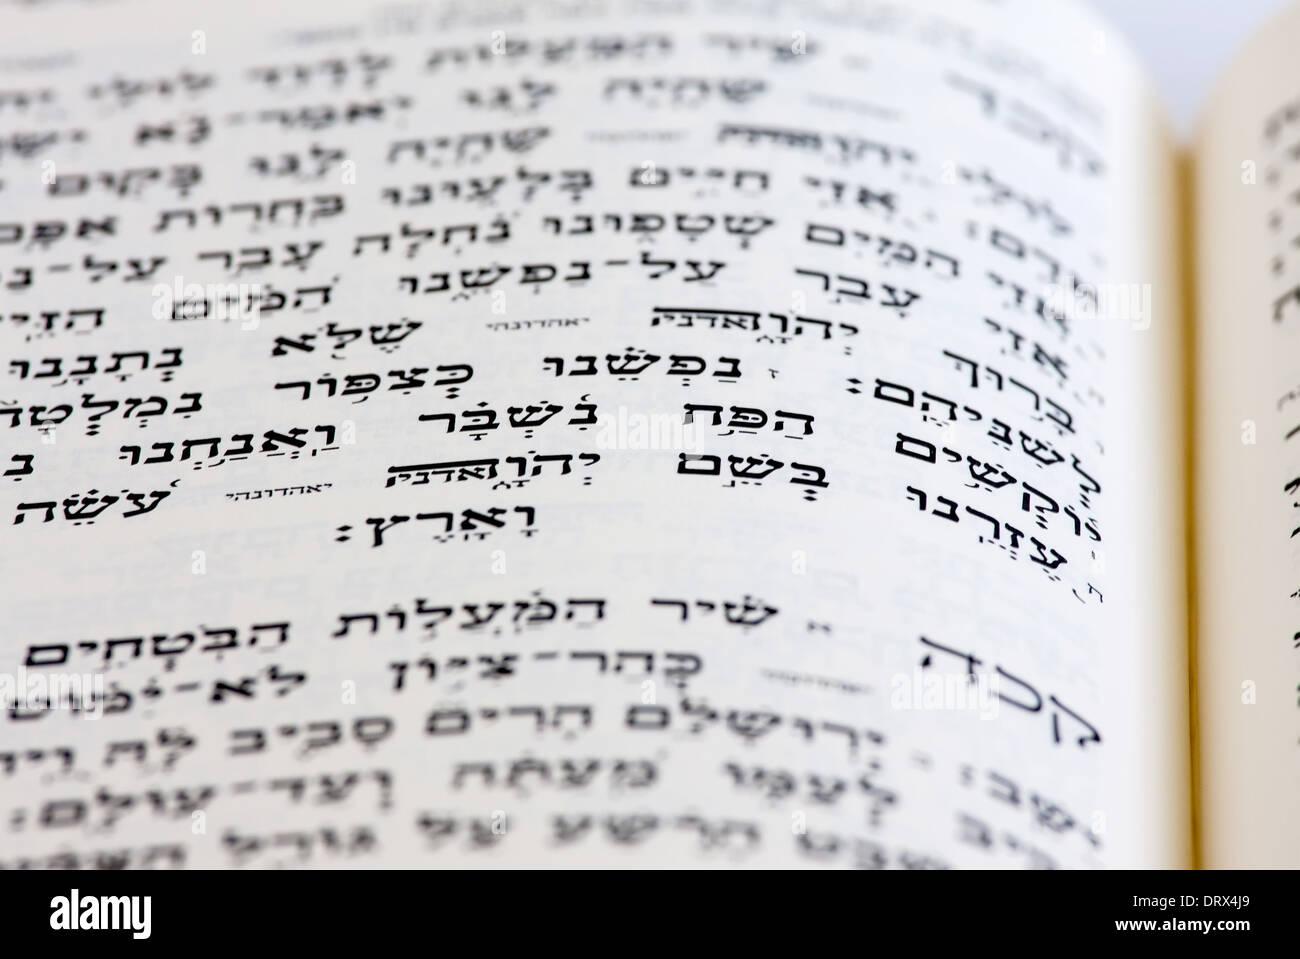 Hebrew Bible opened - Stock Image